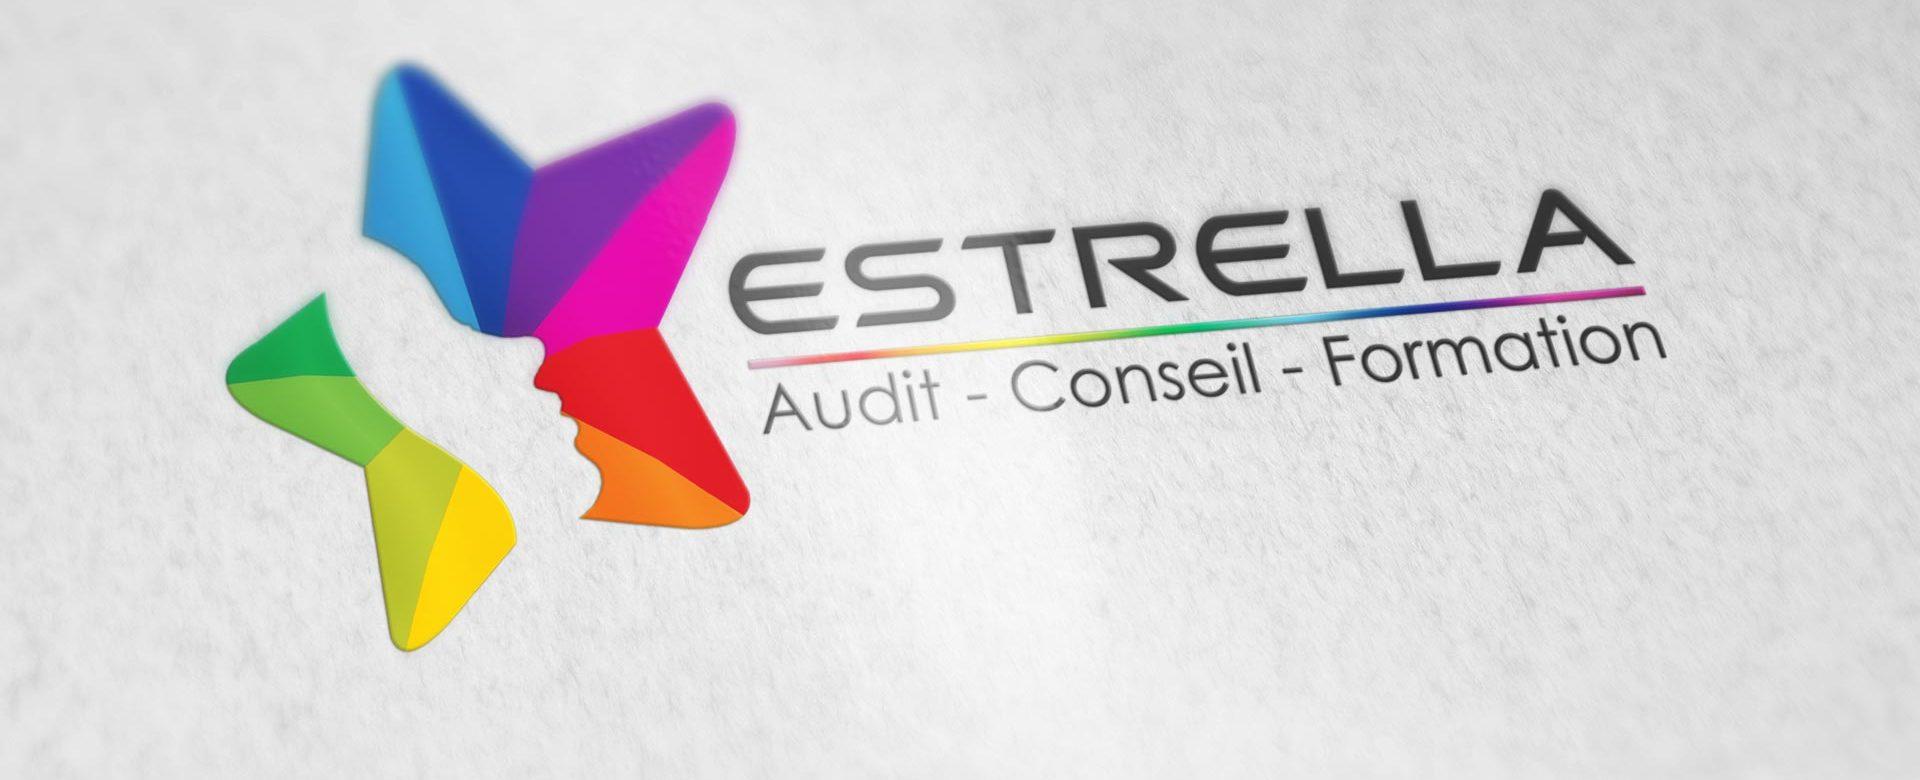 Estrella-logo-corse